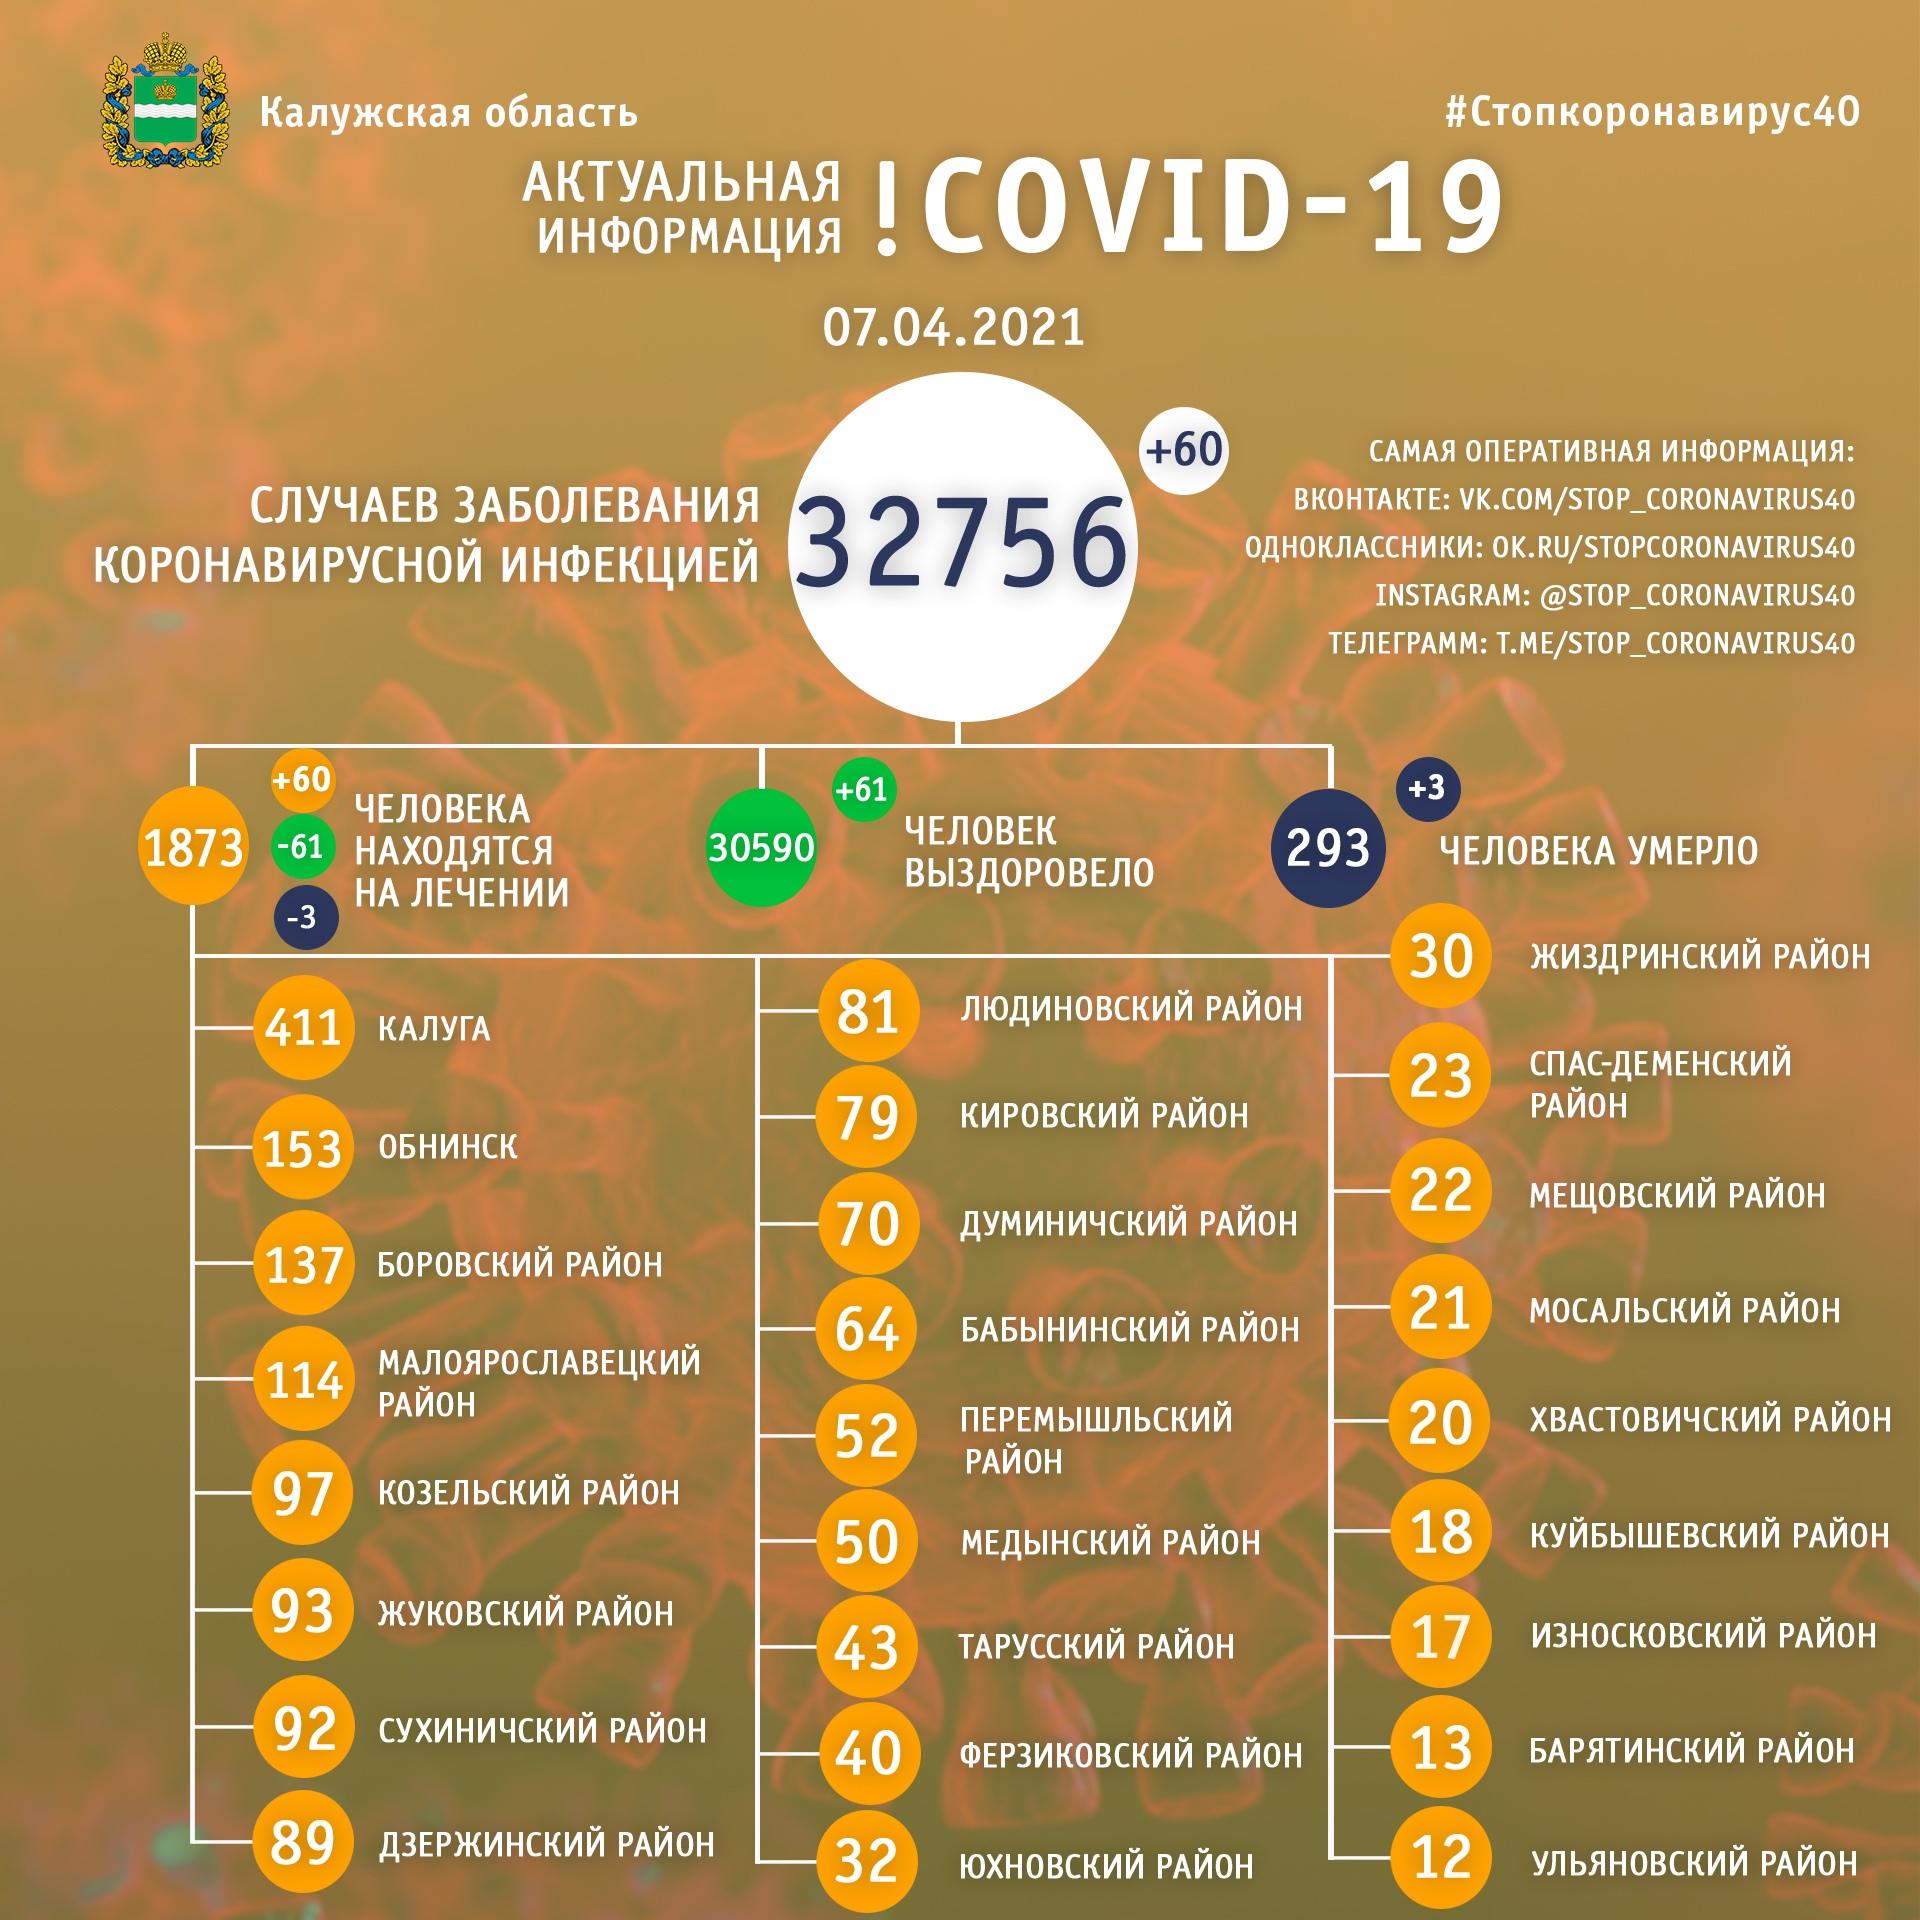 Официальная статистика по коронавирусу в Калужской области на 7 апреля 2021 года.